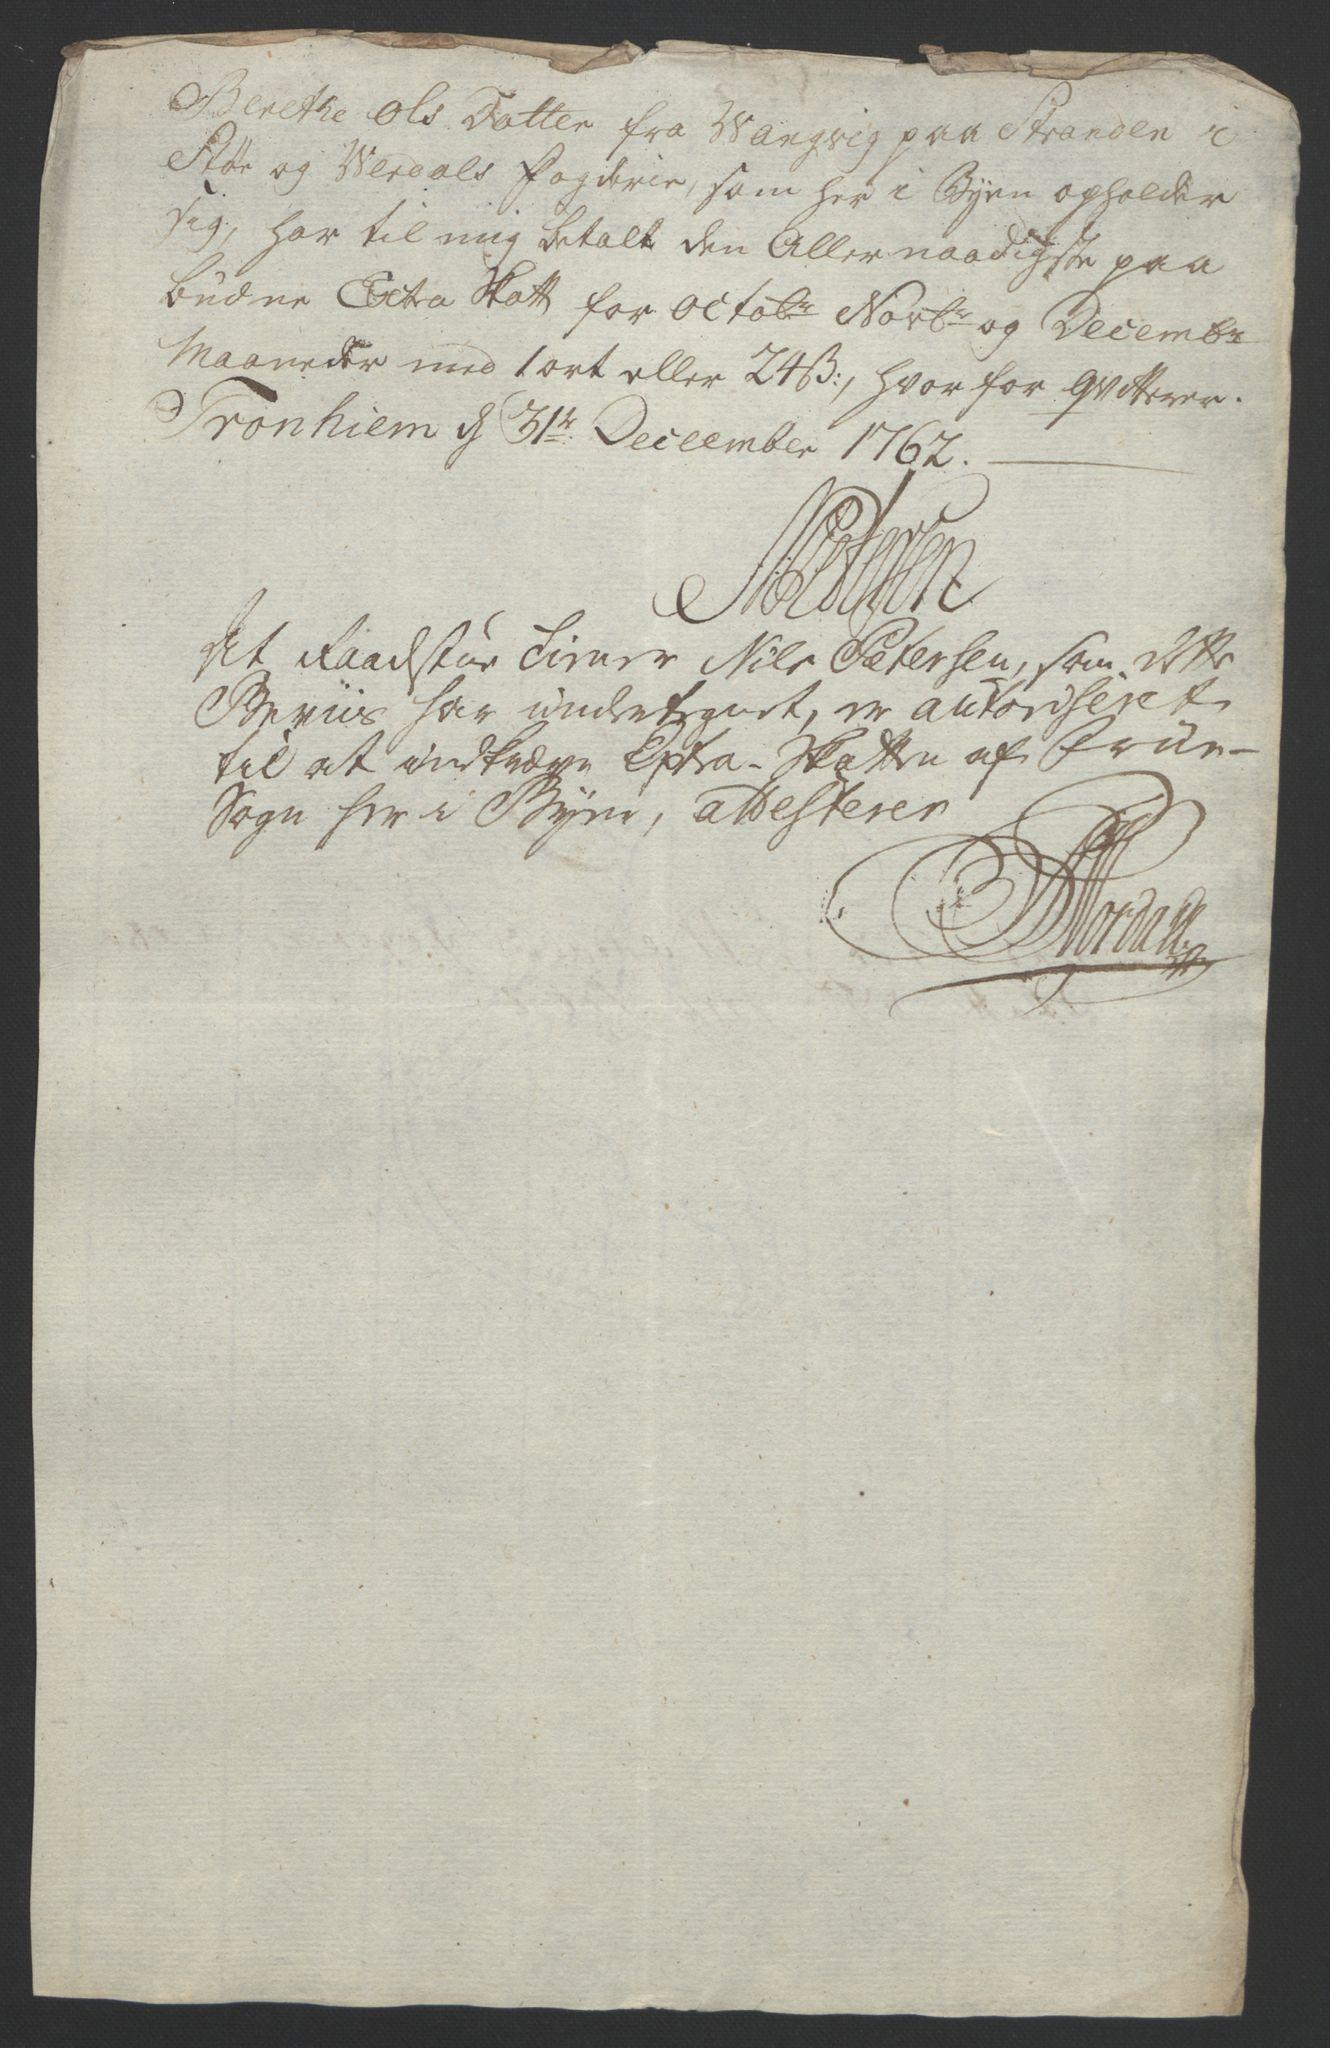 RA, Rentekammeret inntil 1814, Reviderte regnskaper, Fogderegnskap, R62/L4303: Ekstraskatten Stjørdal og Verdal, 1762-1763, s. 15